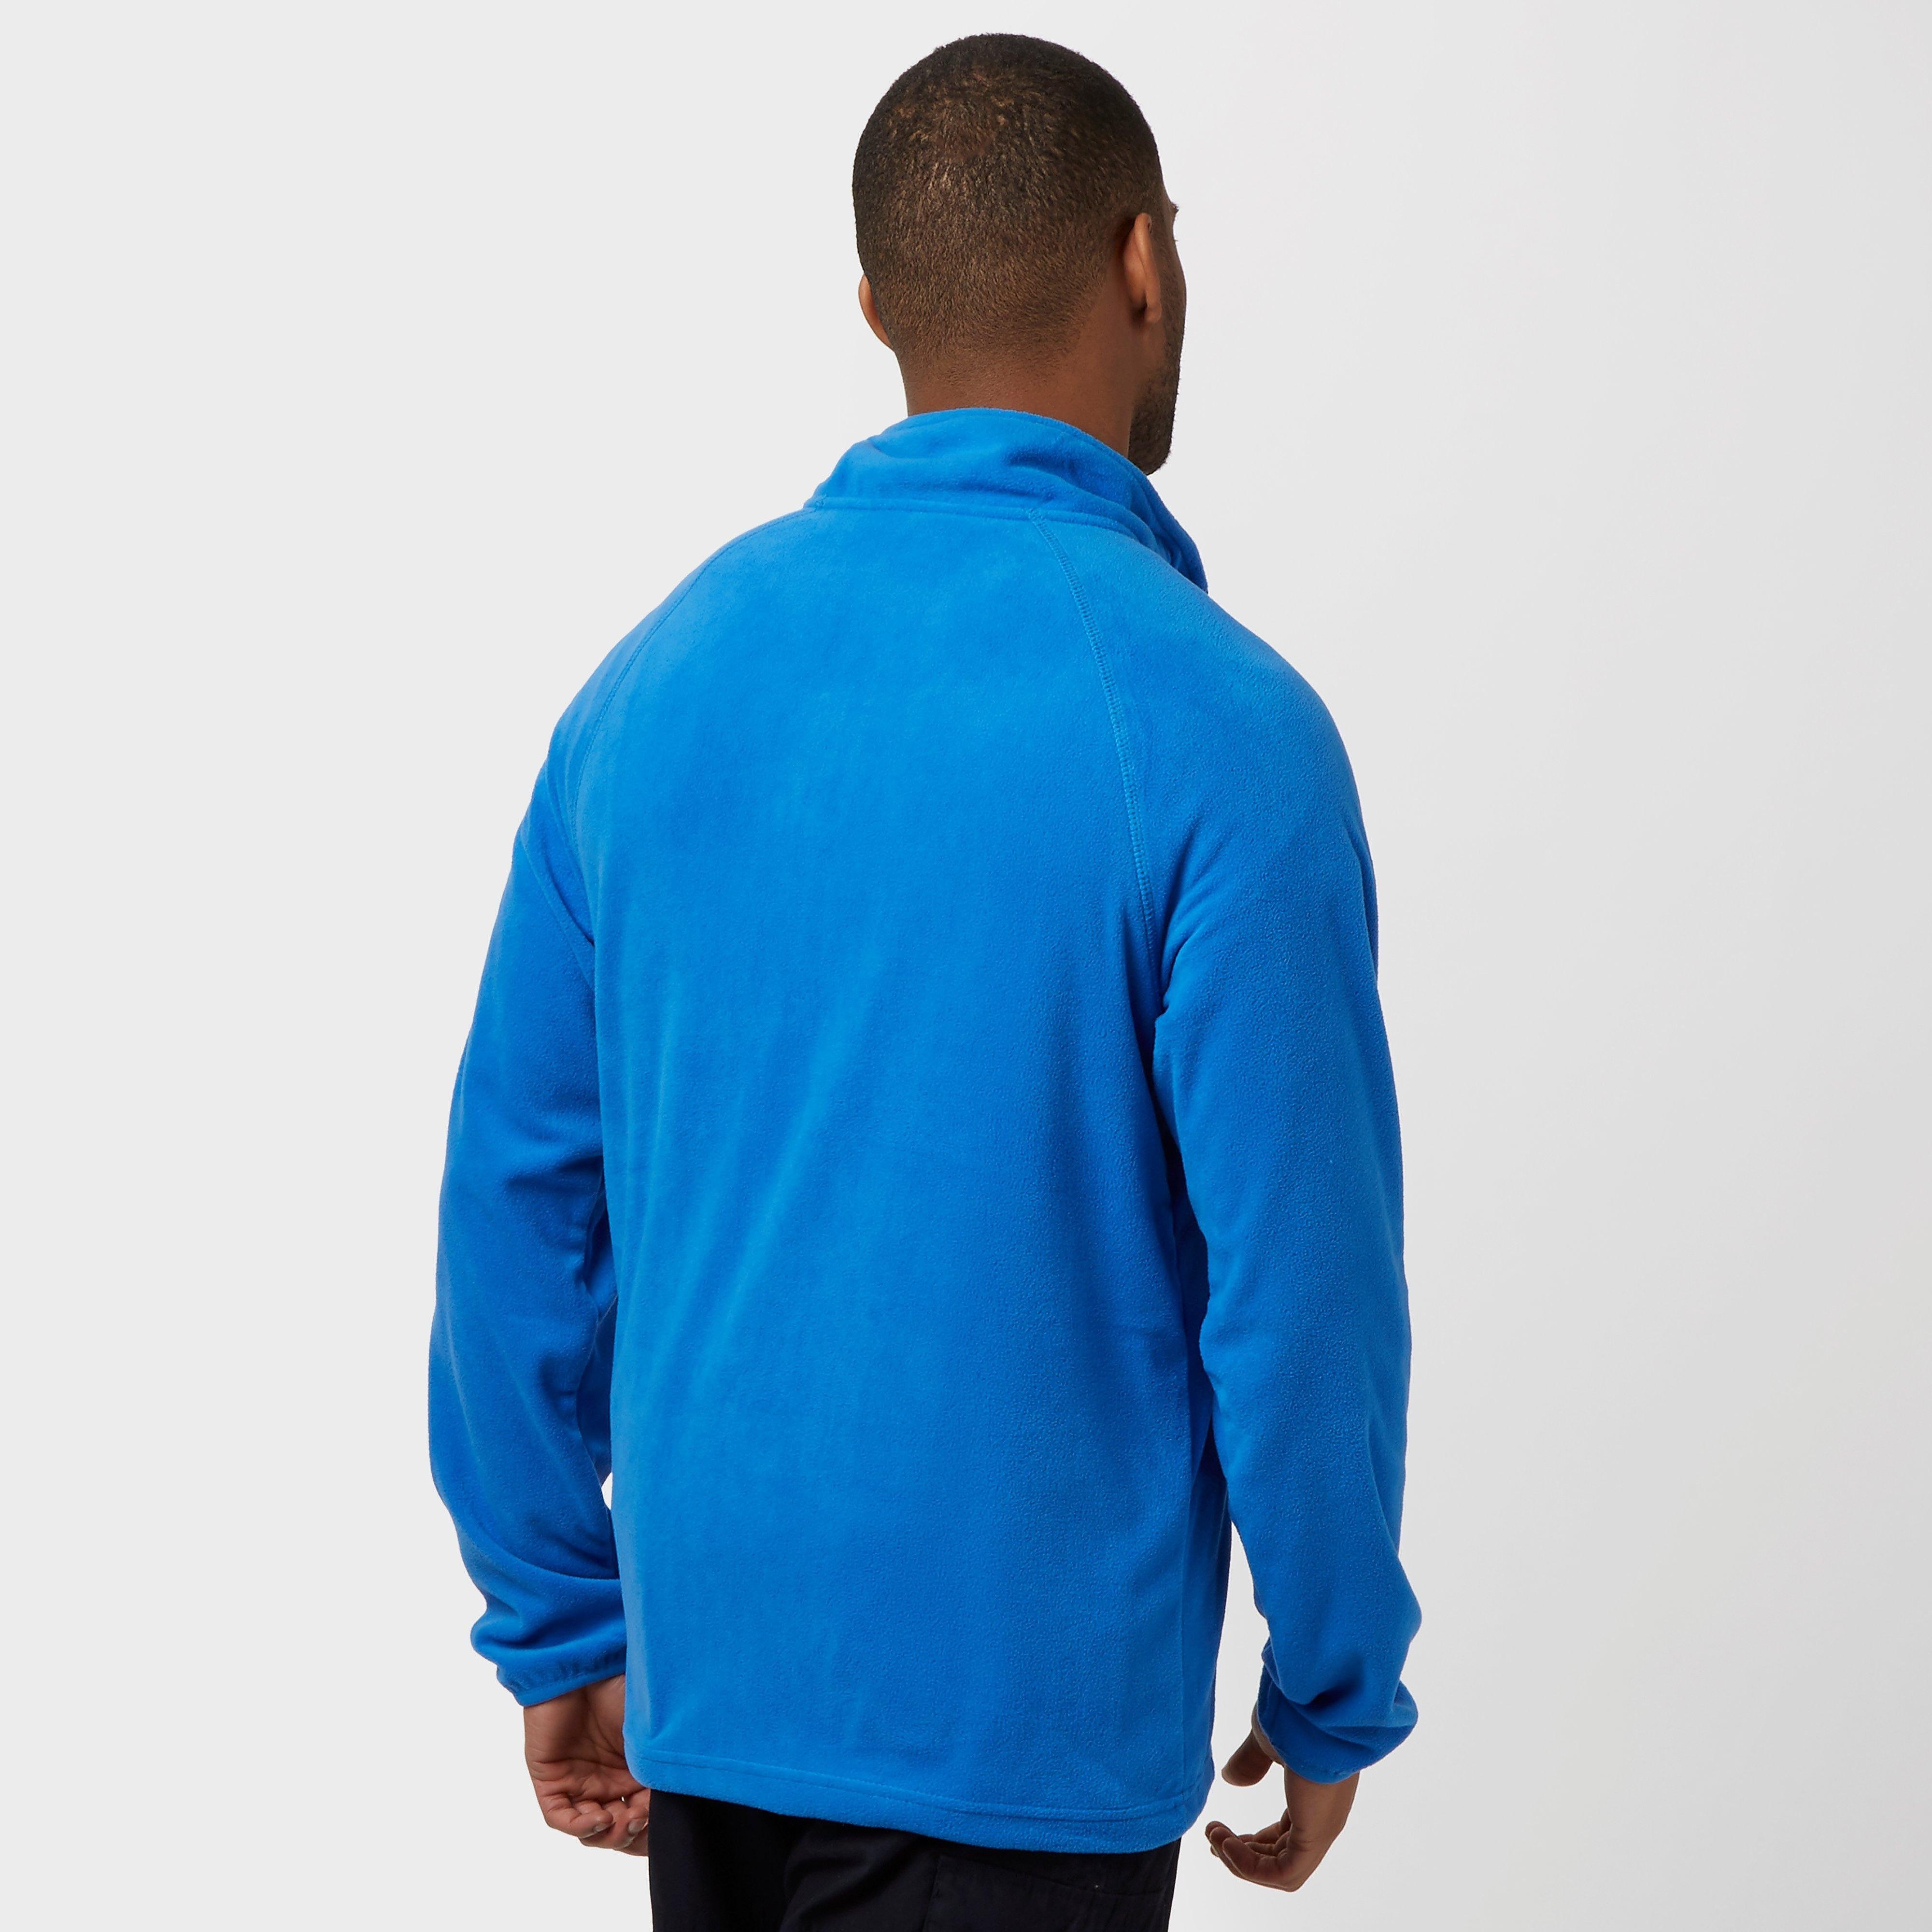 Craghoppers Newlyn Half Zip Men's Fleece Jacket